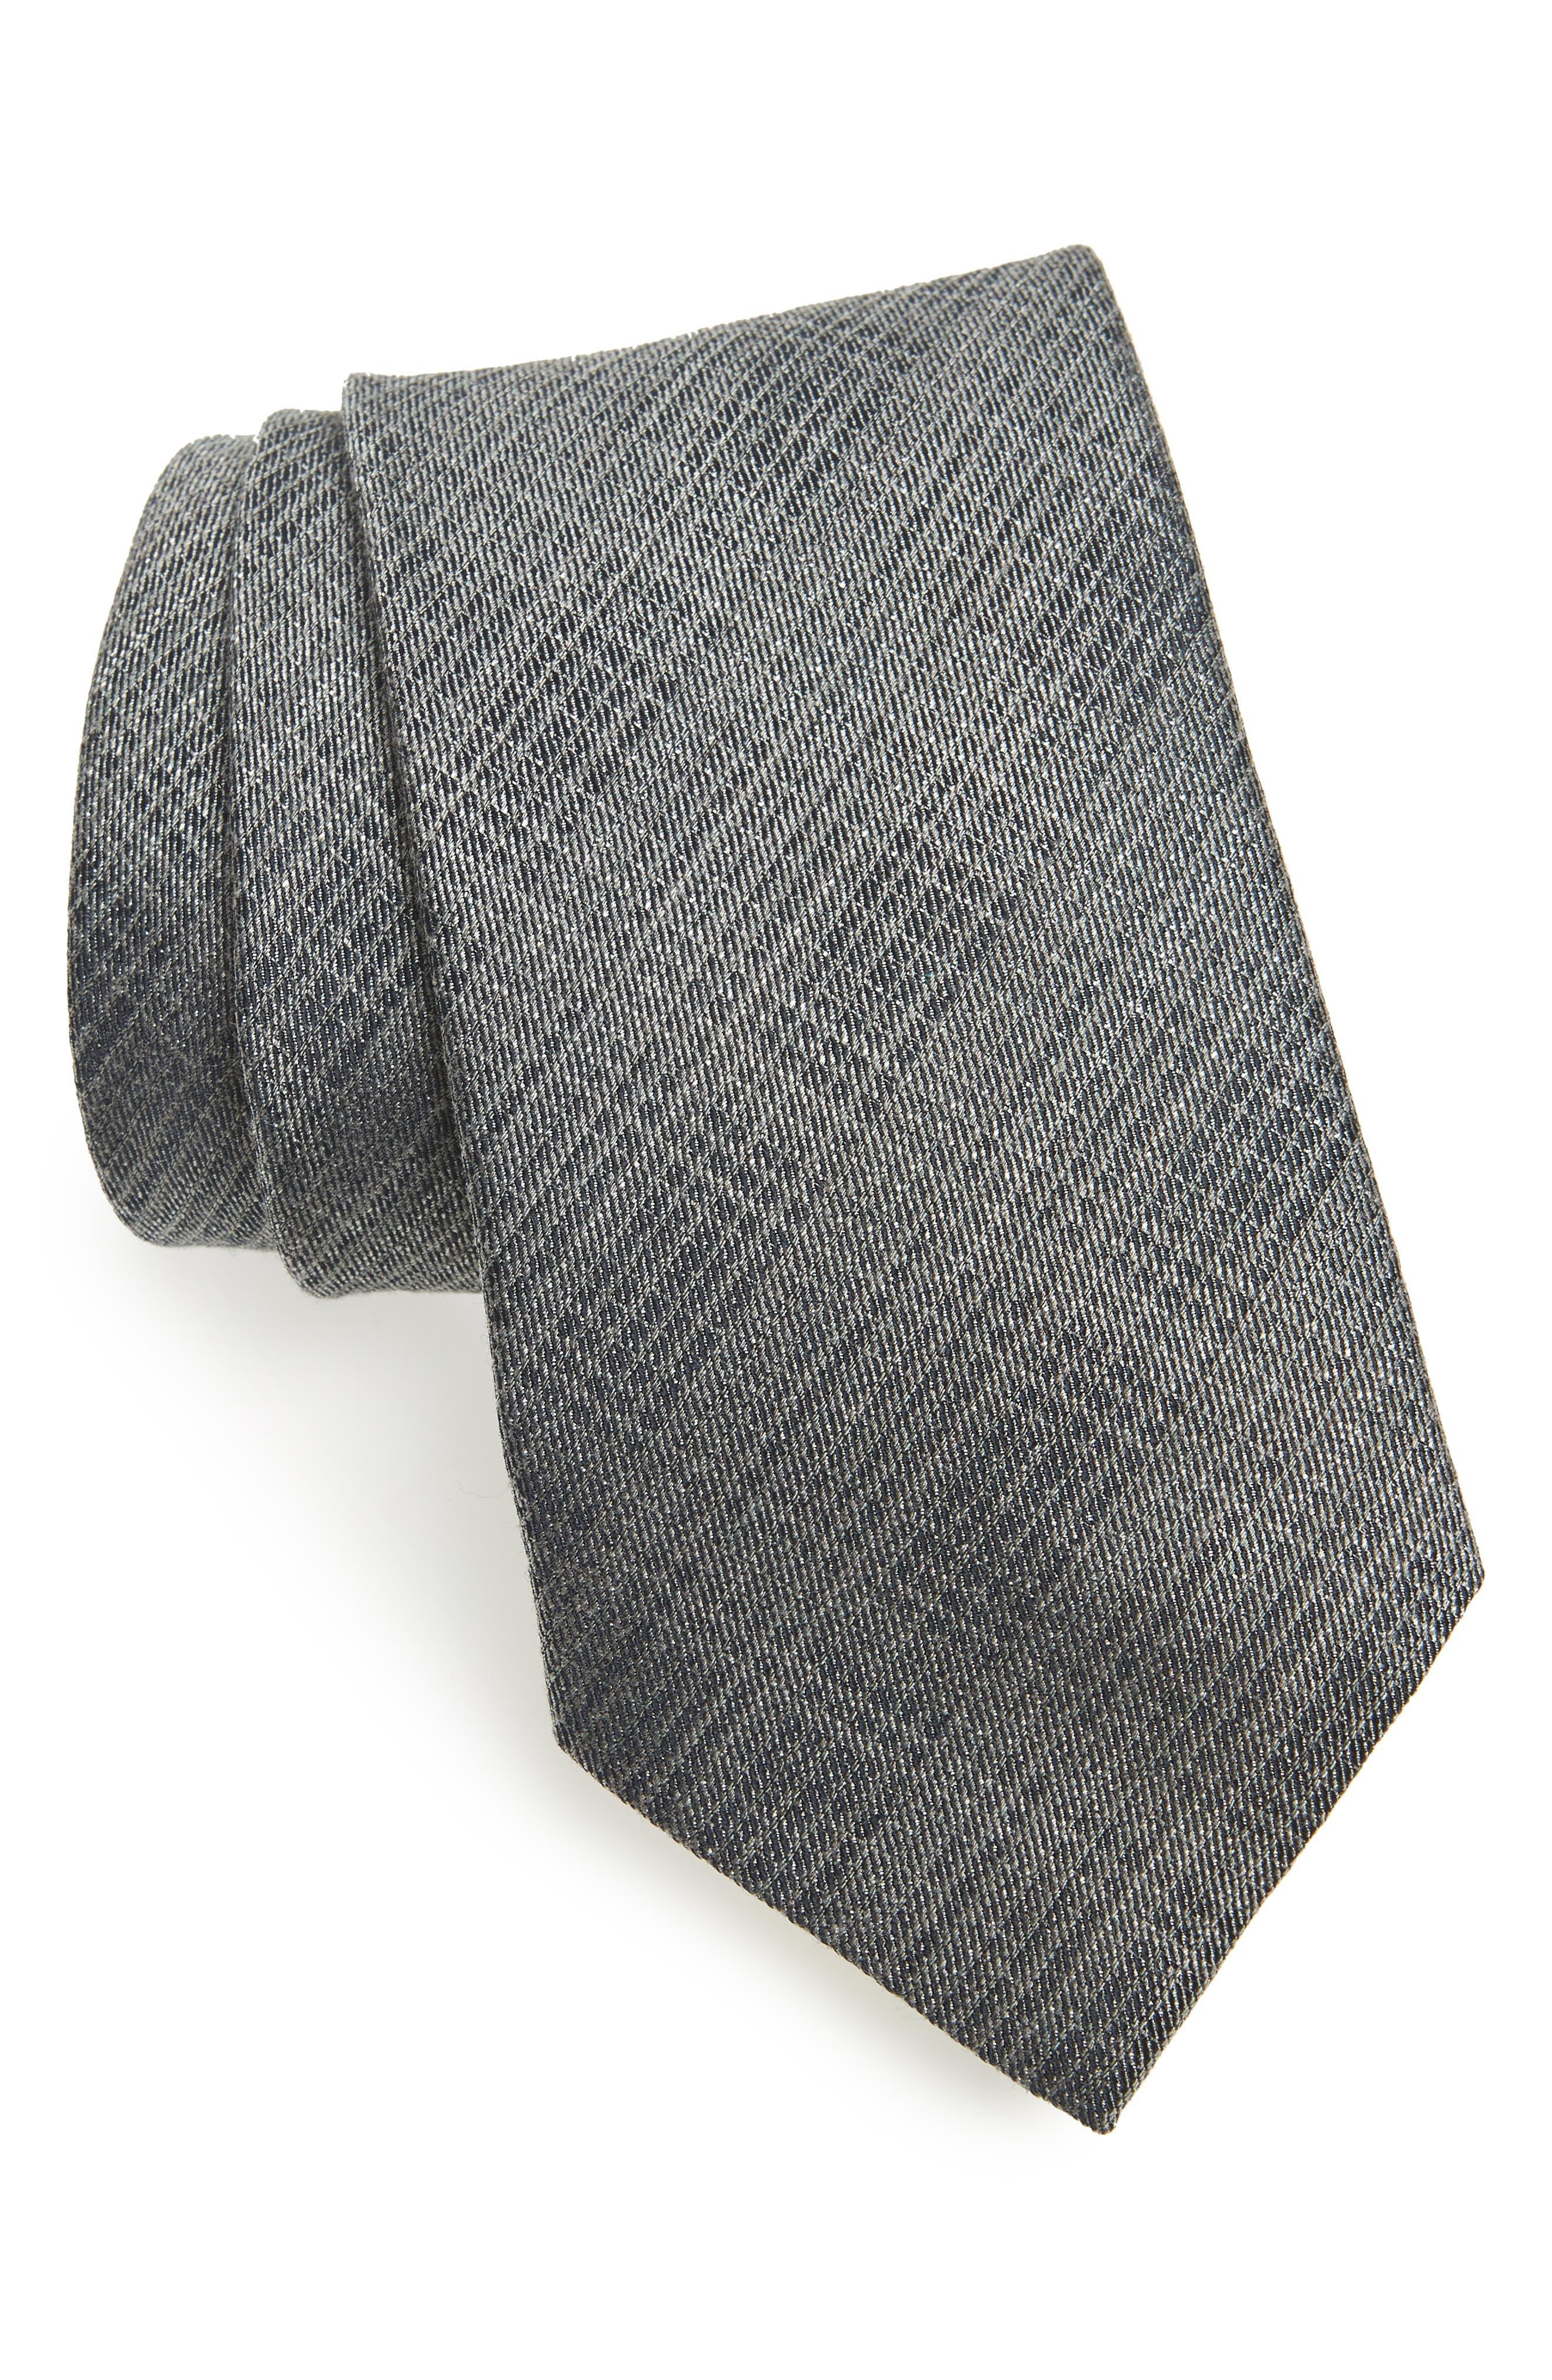 Crosshatch Tie,                         Main,                         color, SILVER GREY